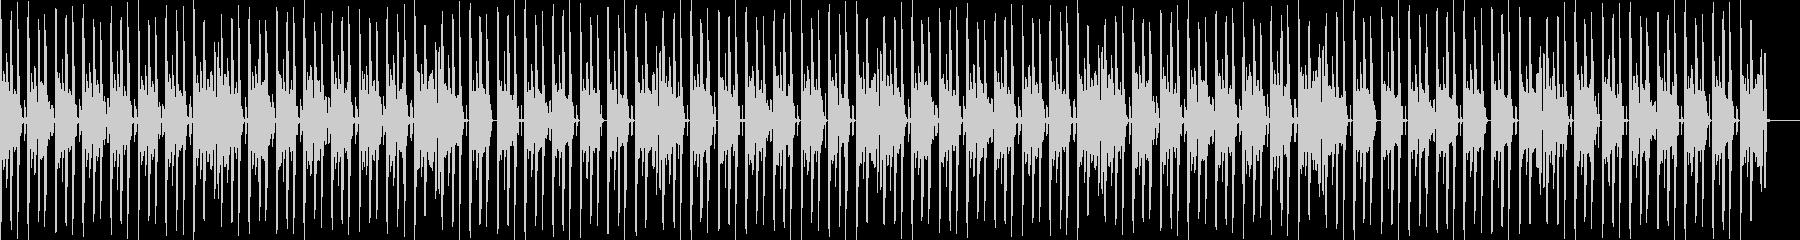 かわいい楽しいEDMエンディングの未再生の波形